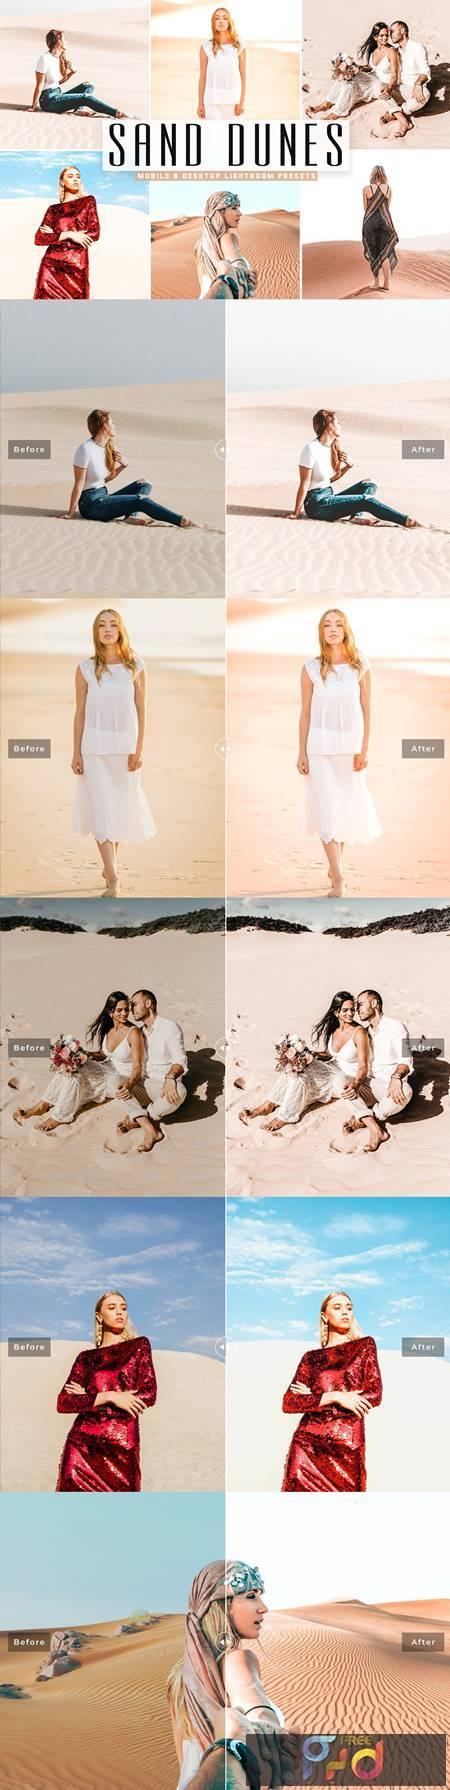 Sand Dunes Mobile & Desktop Lightroom Presets 5297612 1